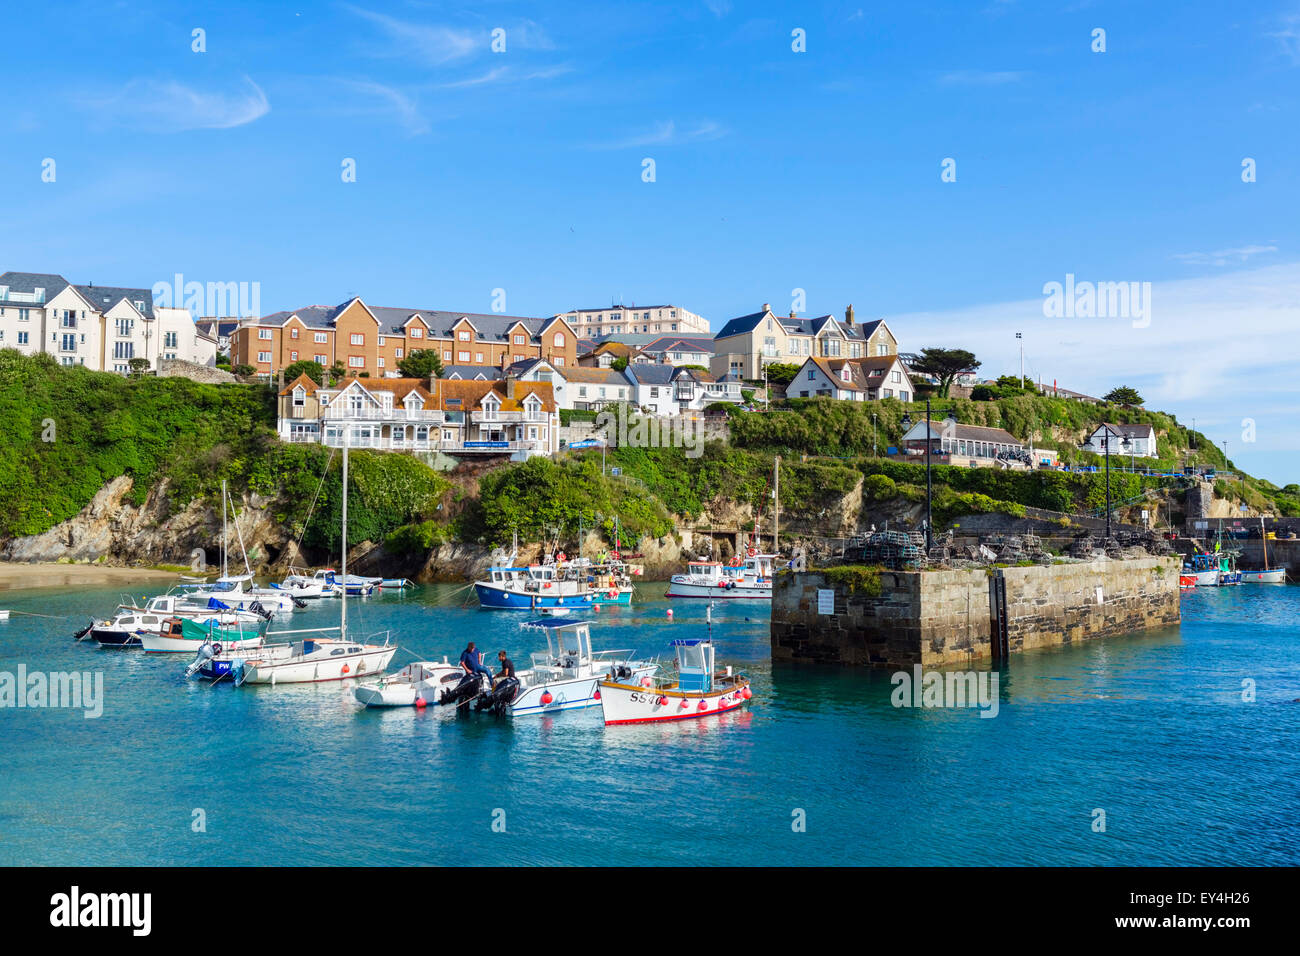 Il porto di Newquay, Cornwall, England, Regno Unito Immagini Stock